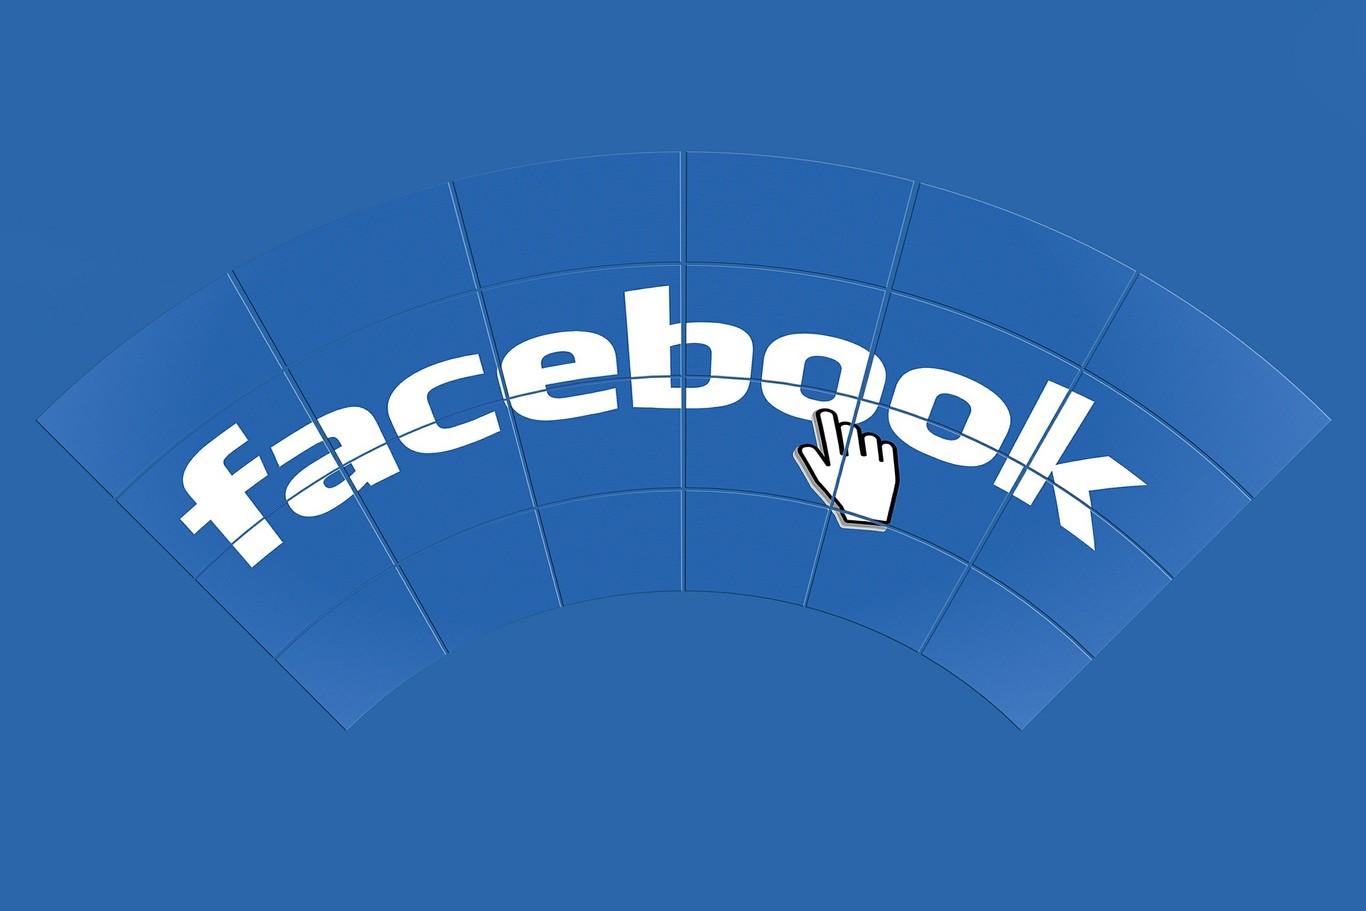 Por qué Facebook debería aprender de la ciencia al tratar con noticias falsas